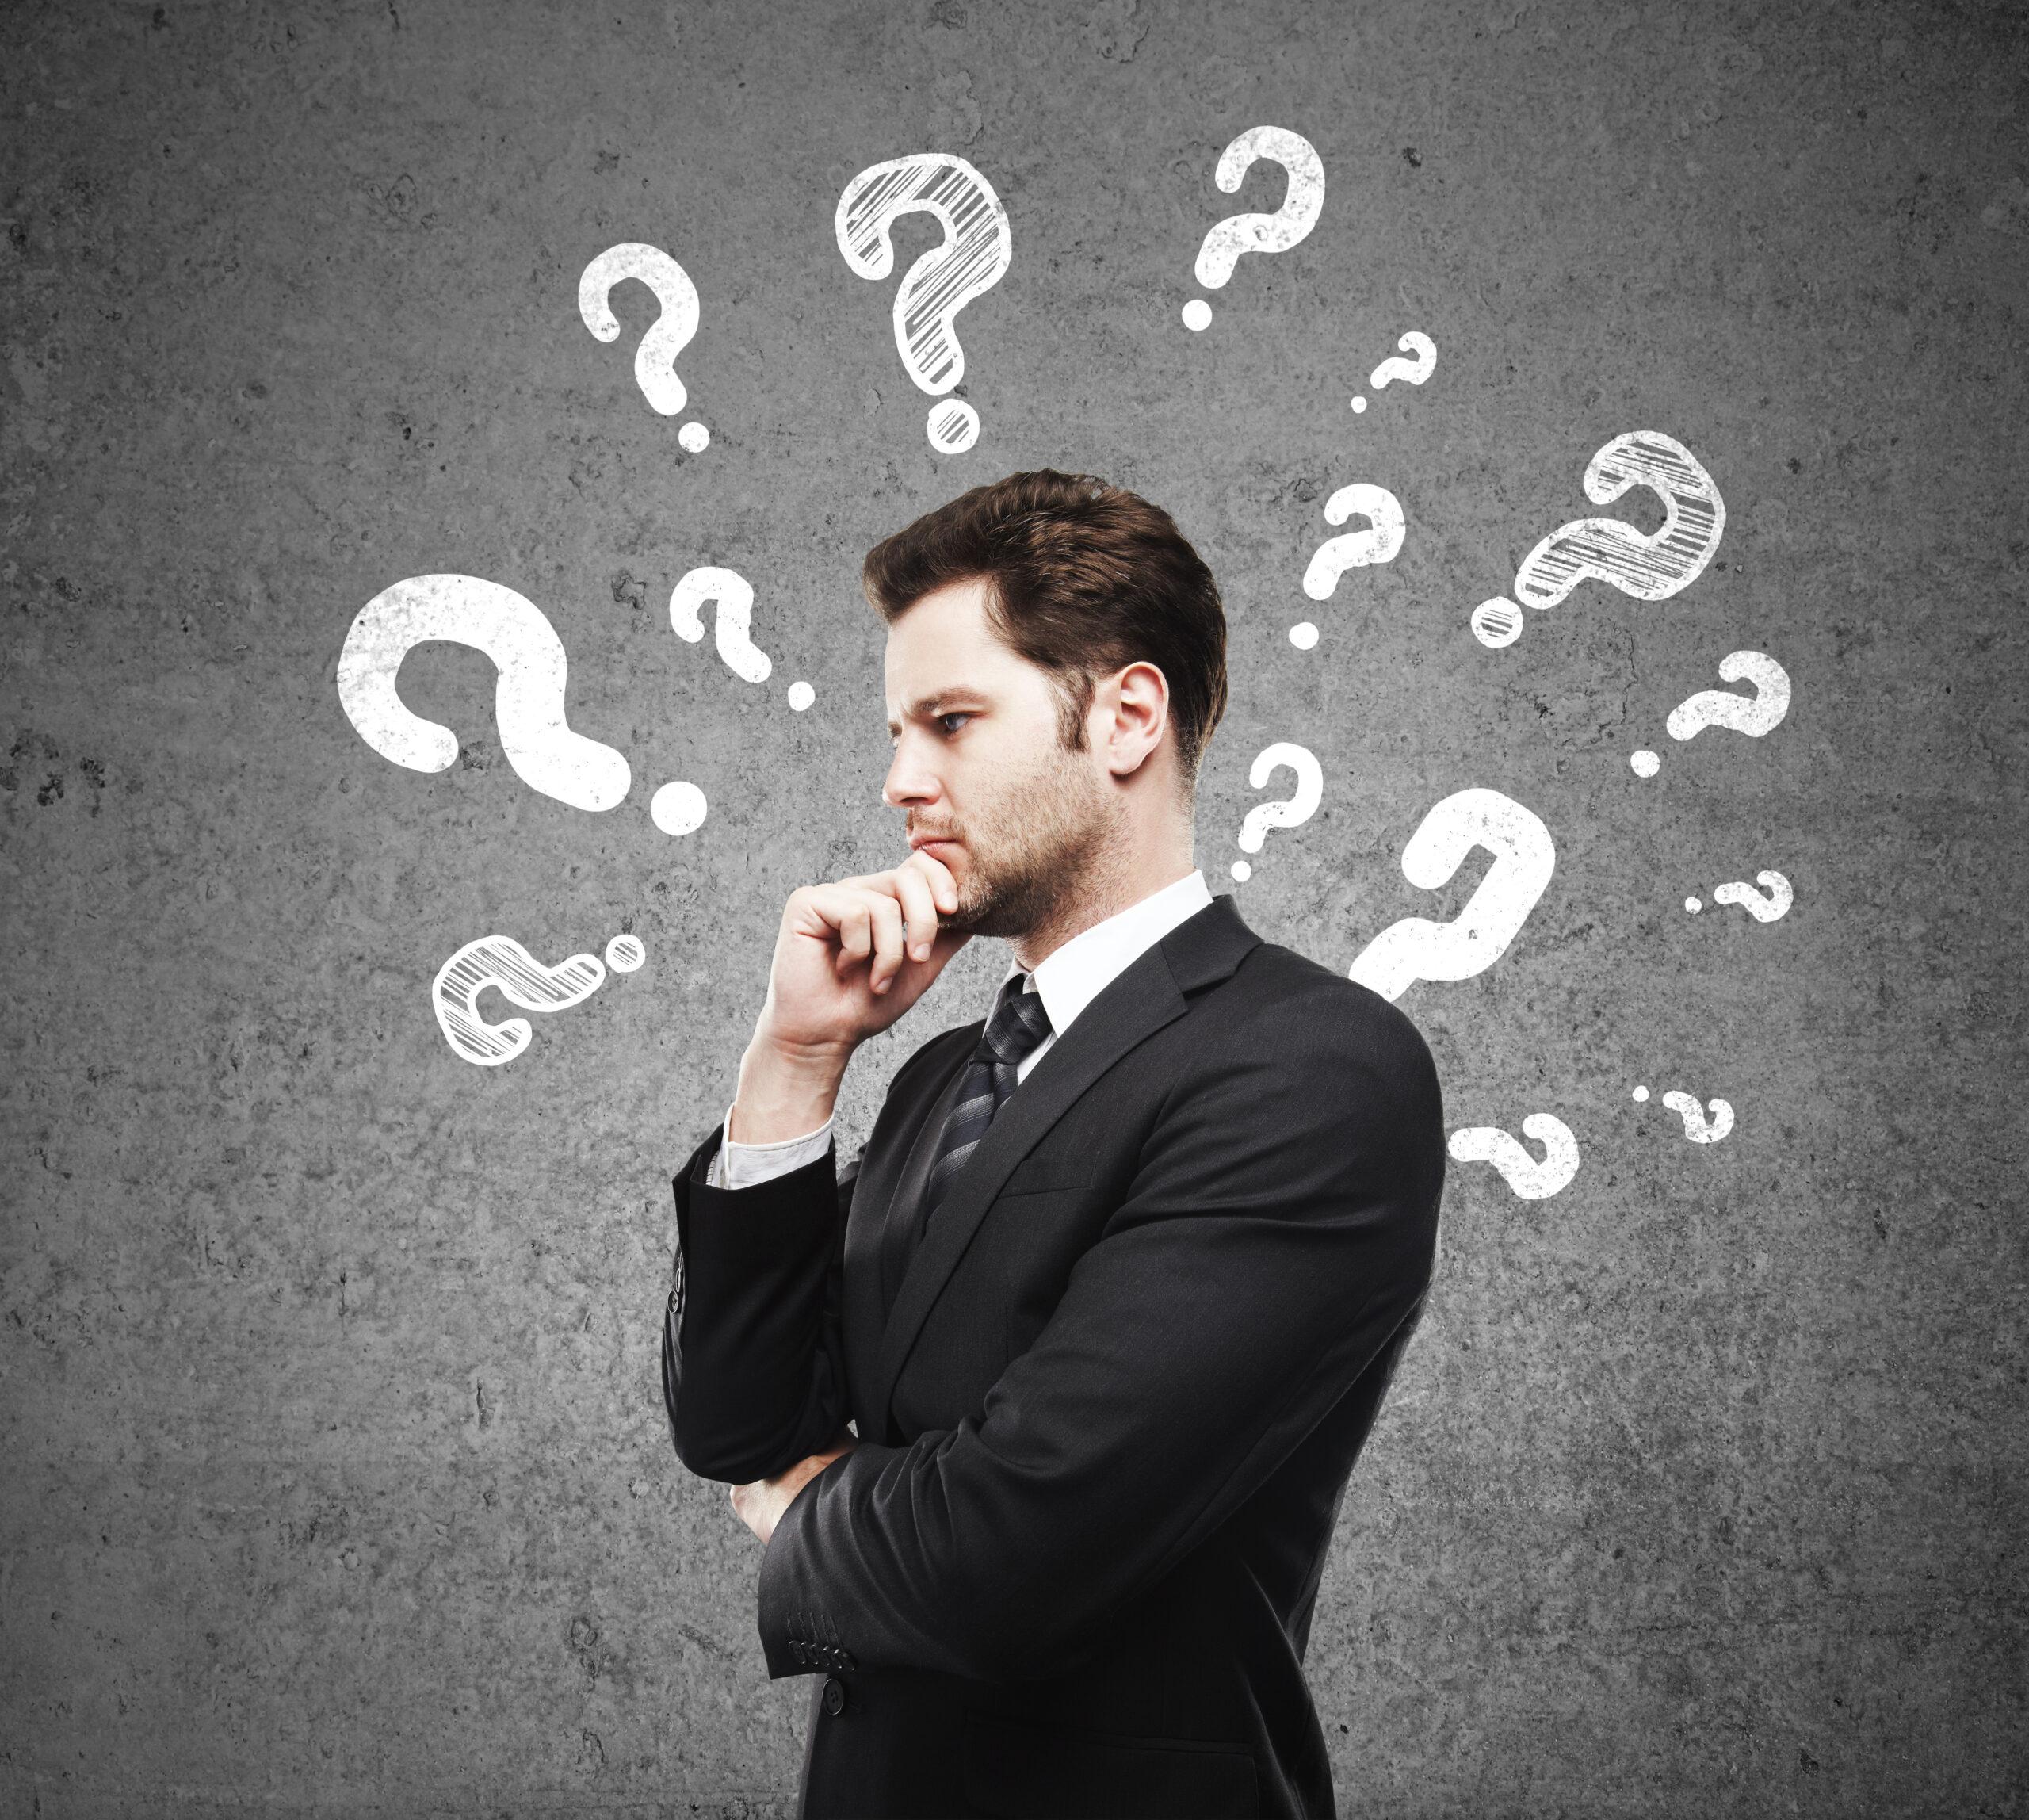 Plötzlich Personalverantwortung? 5 Tipps für junge Chefs!